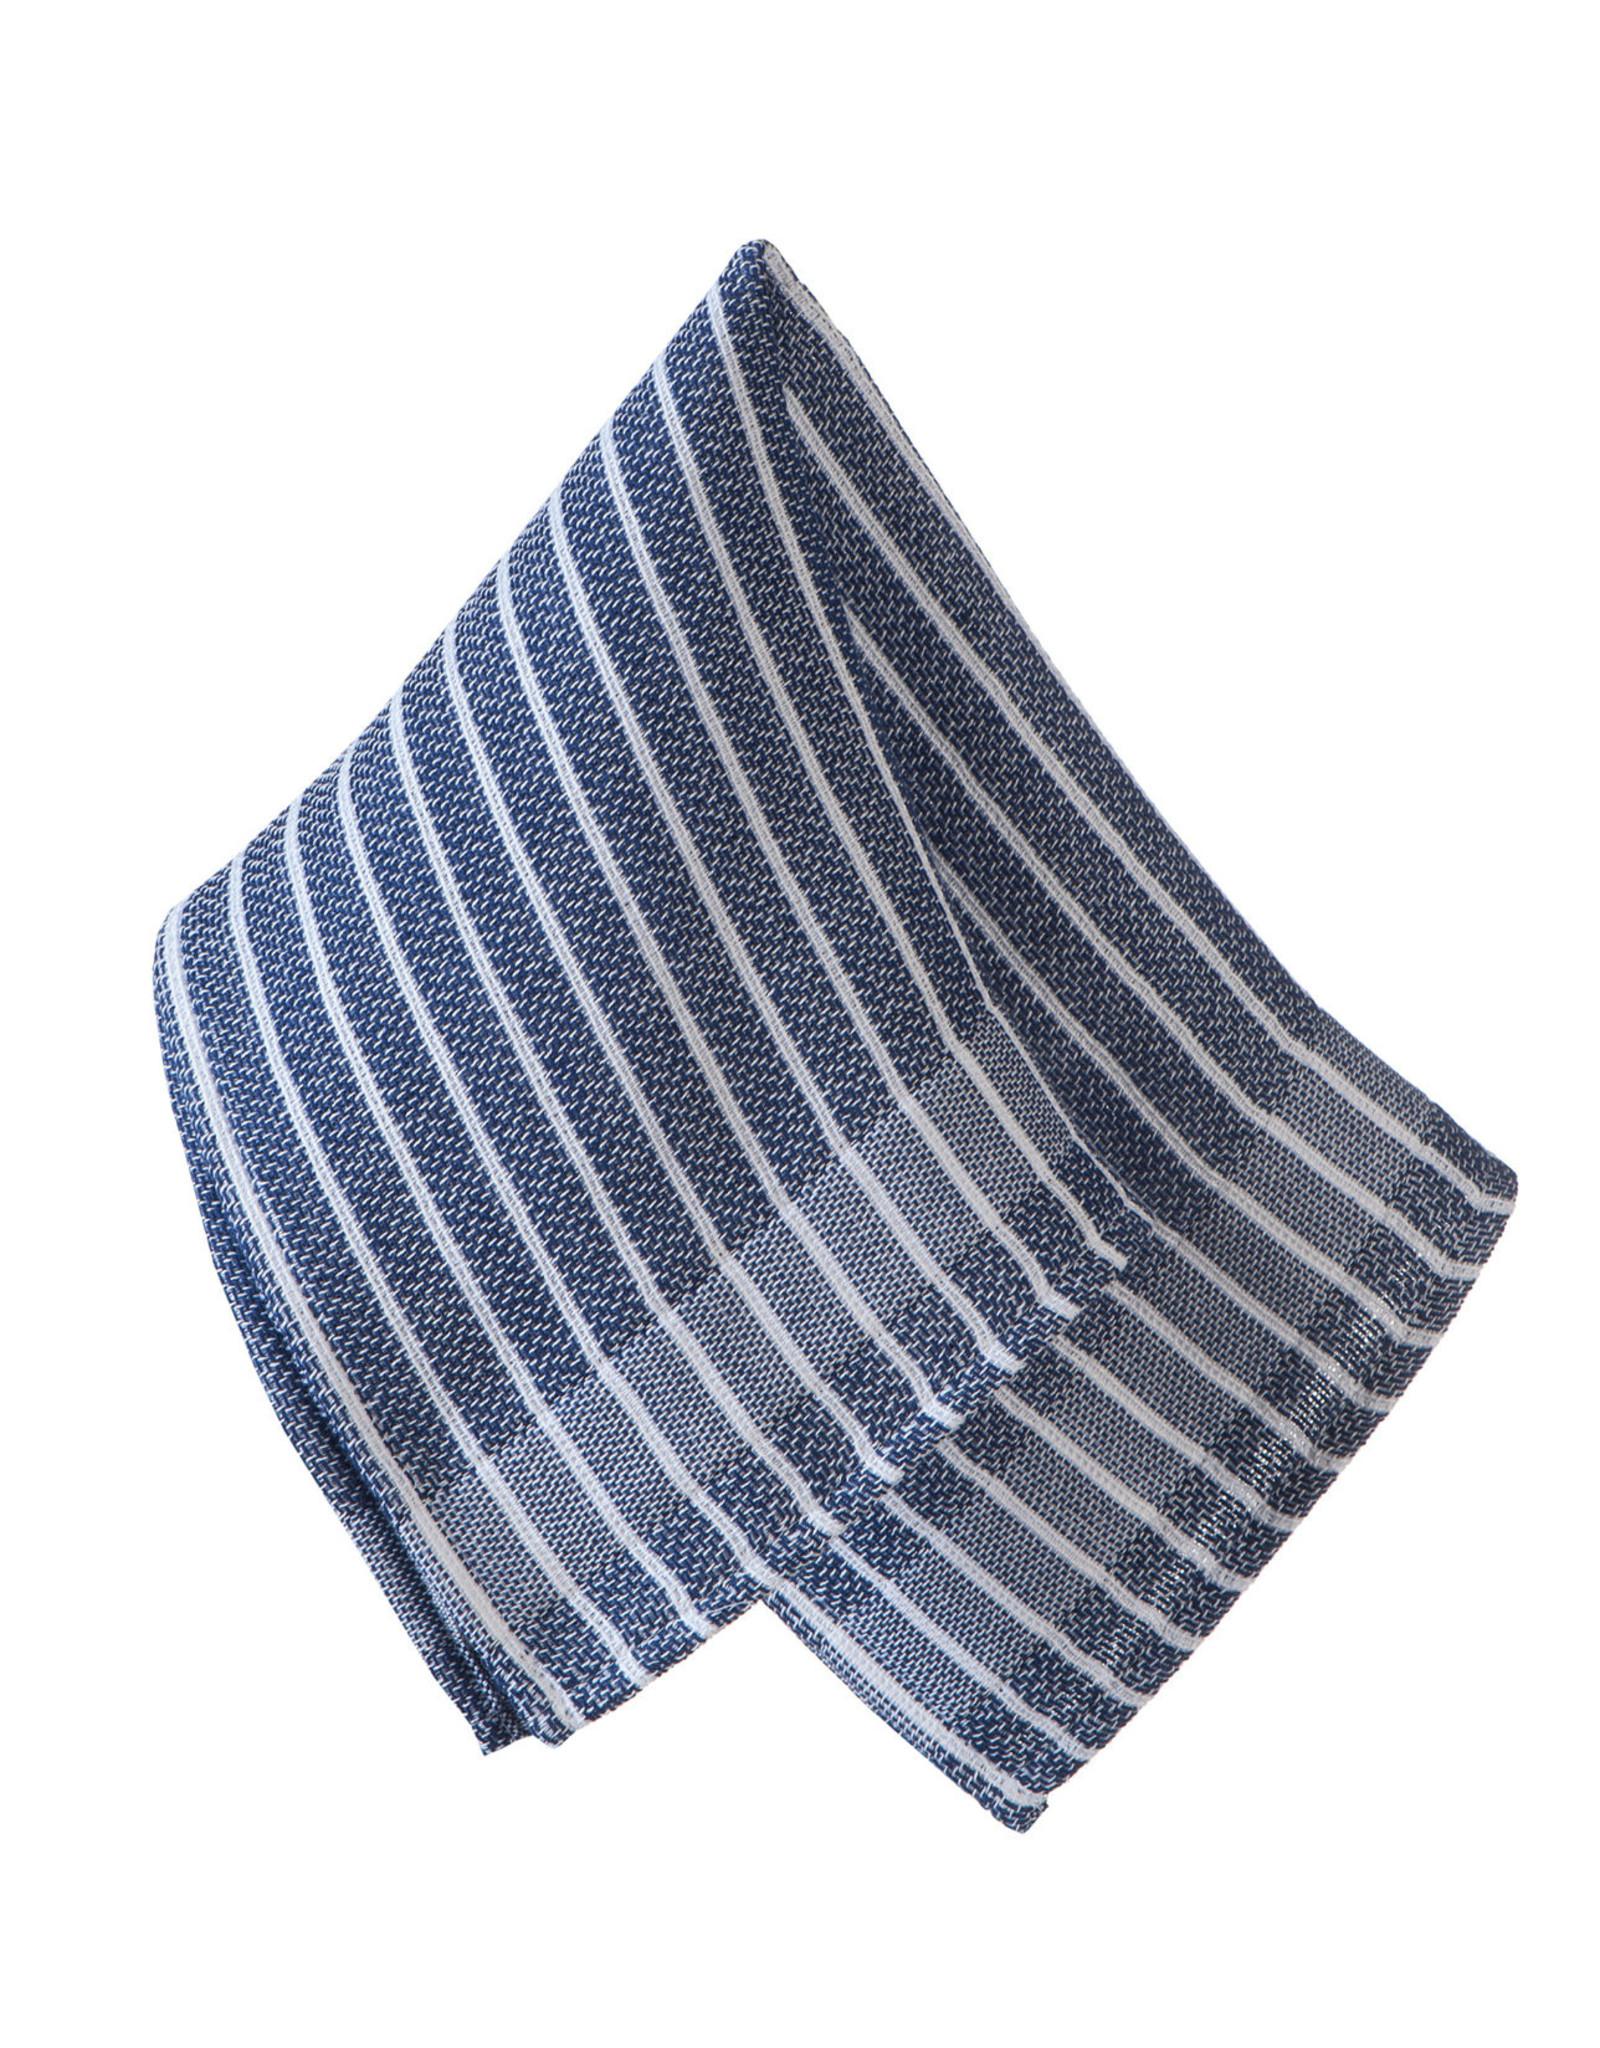 Rigotex Allzwecktuch Doppelgewebe marine 100% Baumwolle